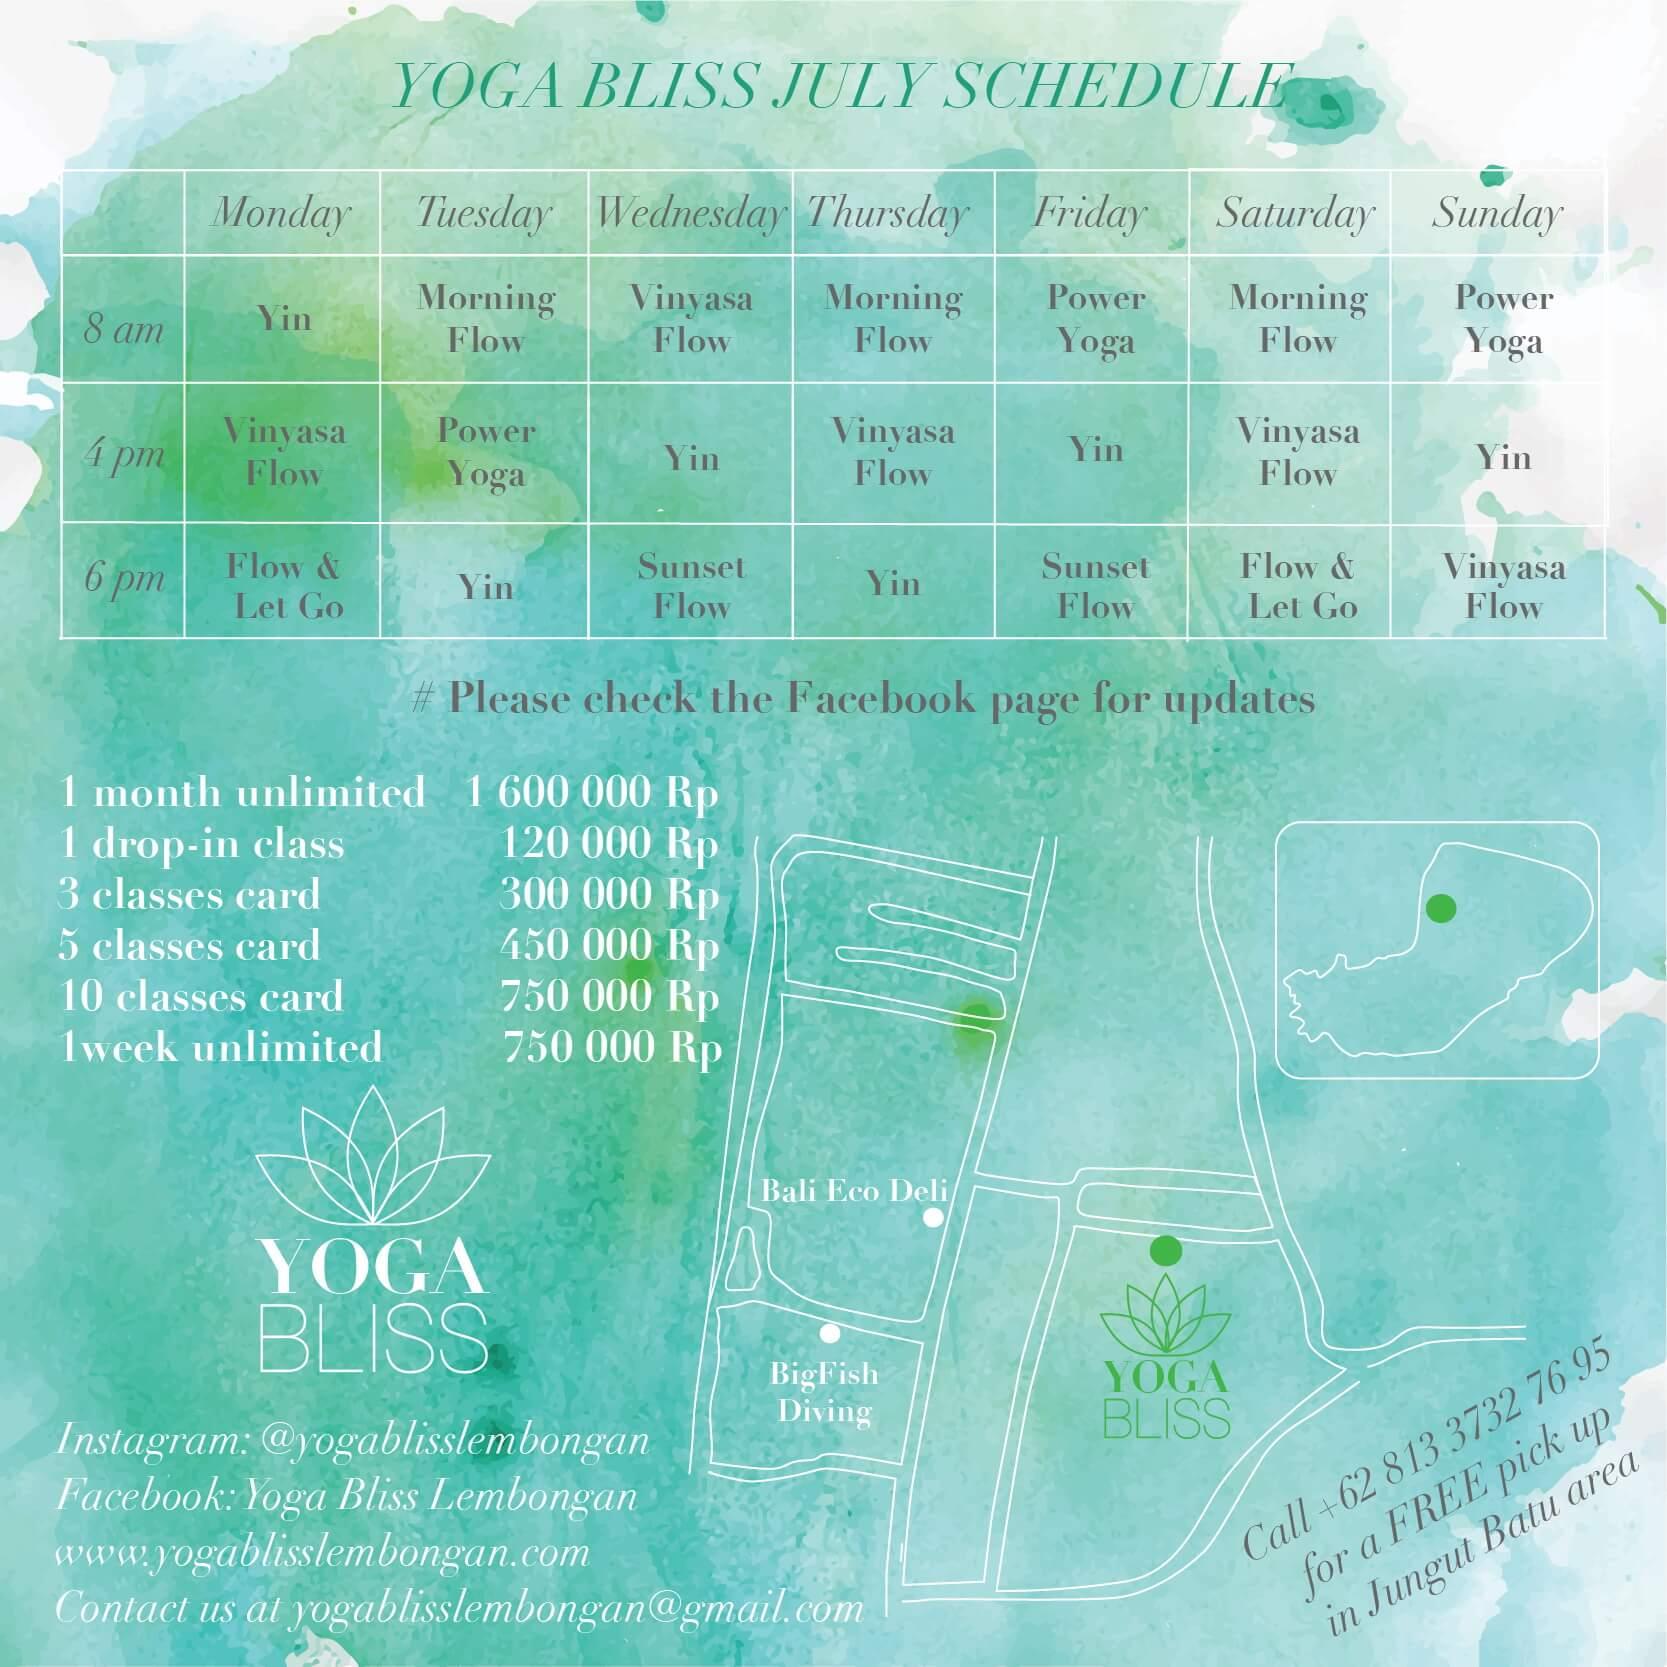 baliSpirit yoga bliss lembongan Schedule